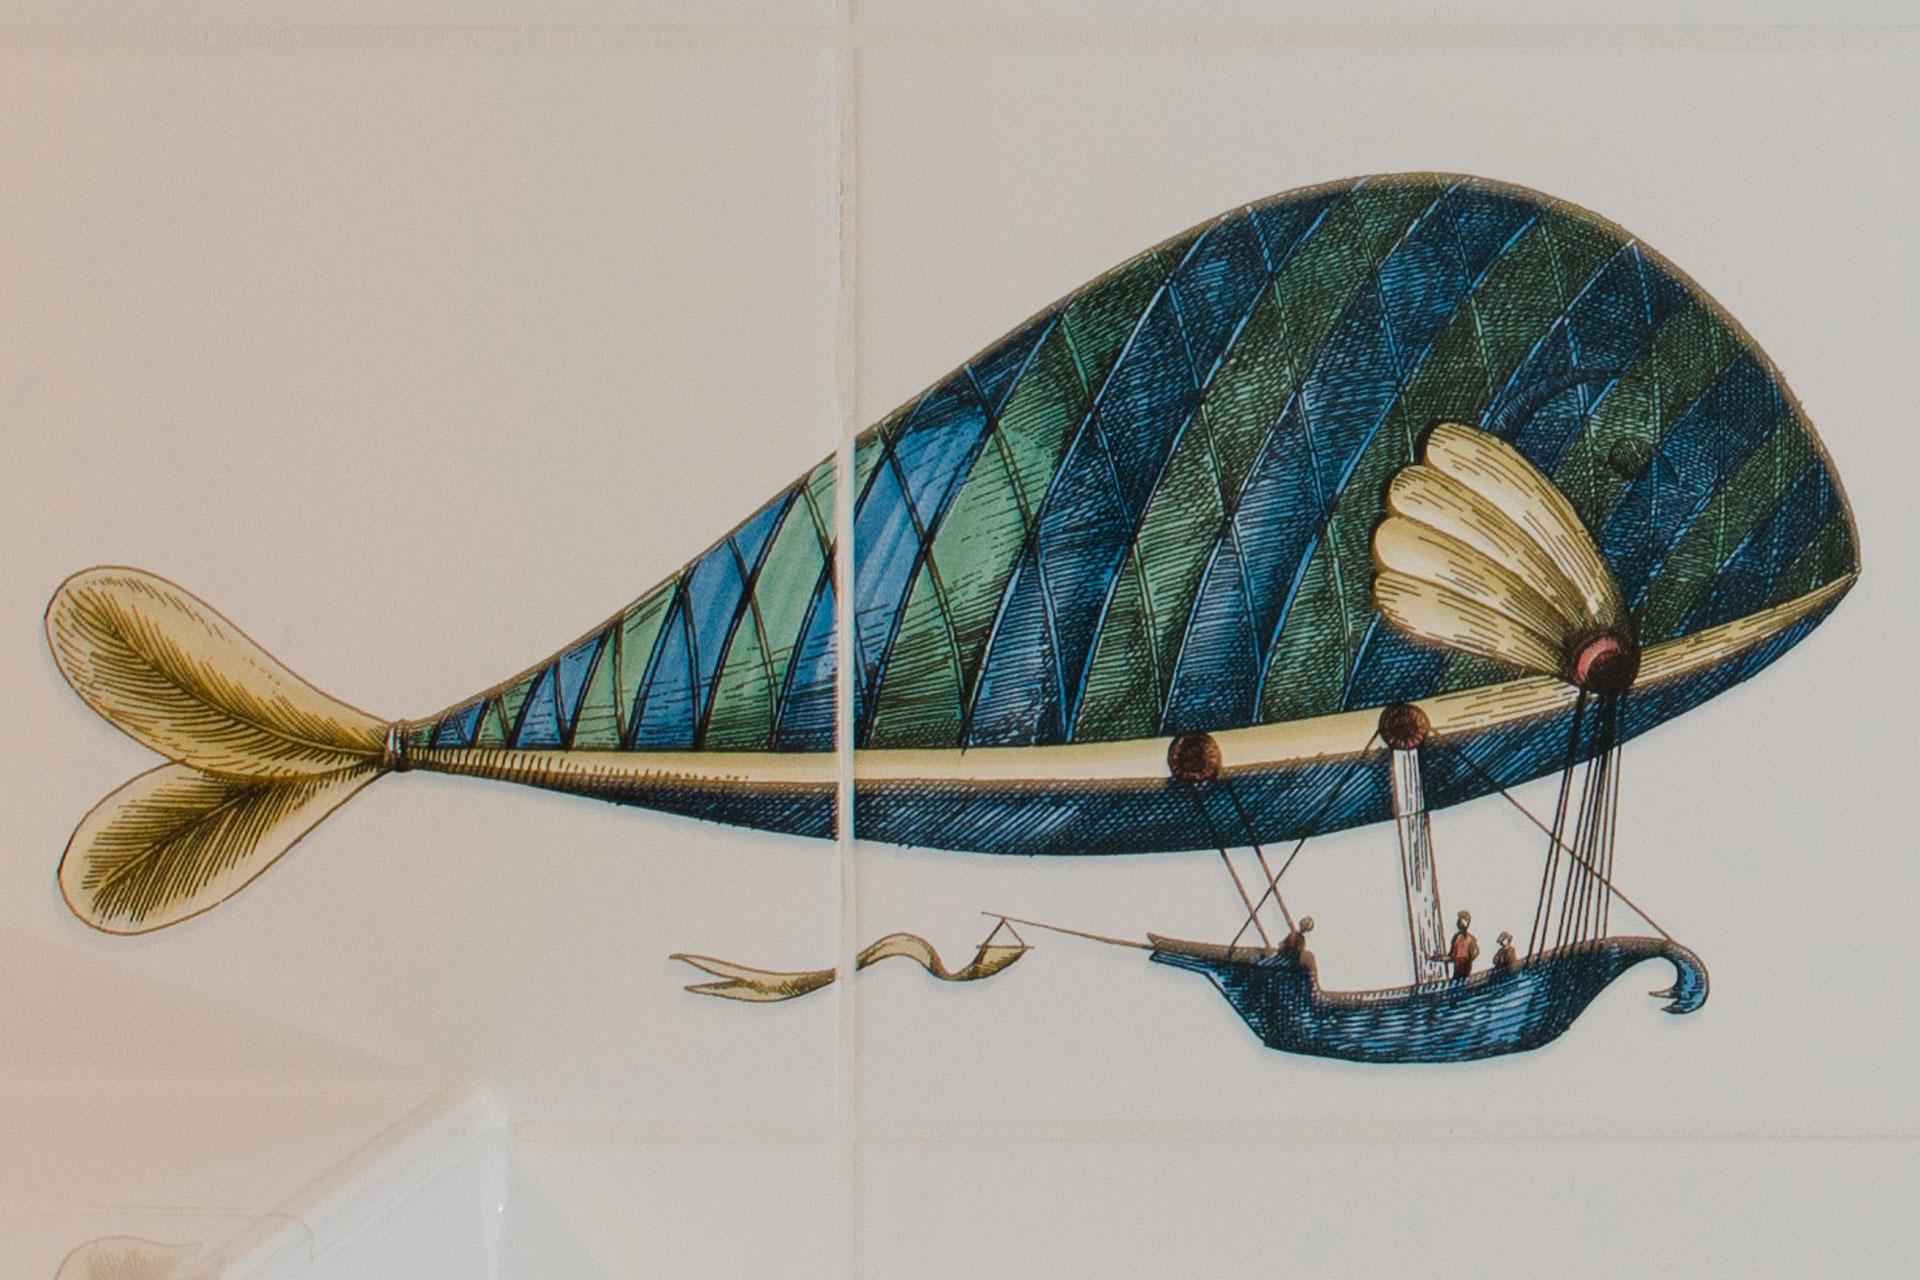 Fliesendesign nach Fornasetti Montgolfiere